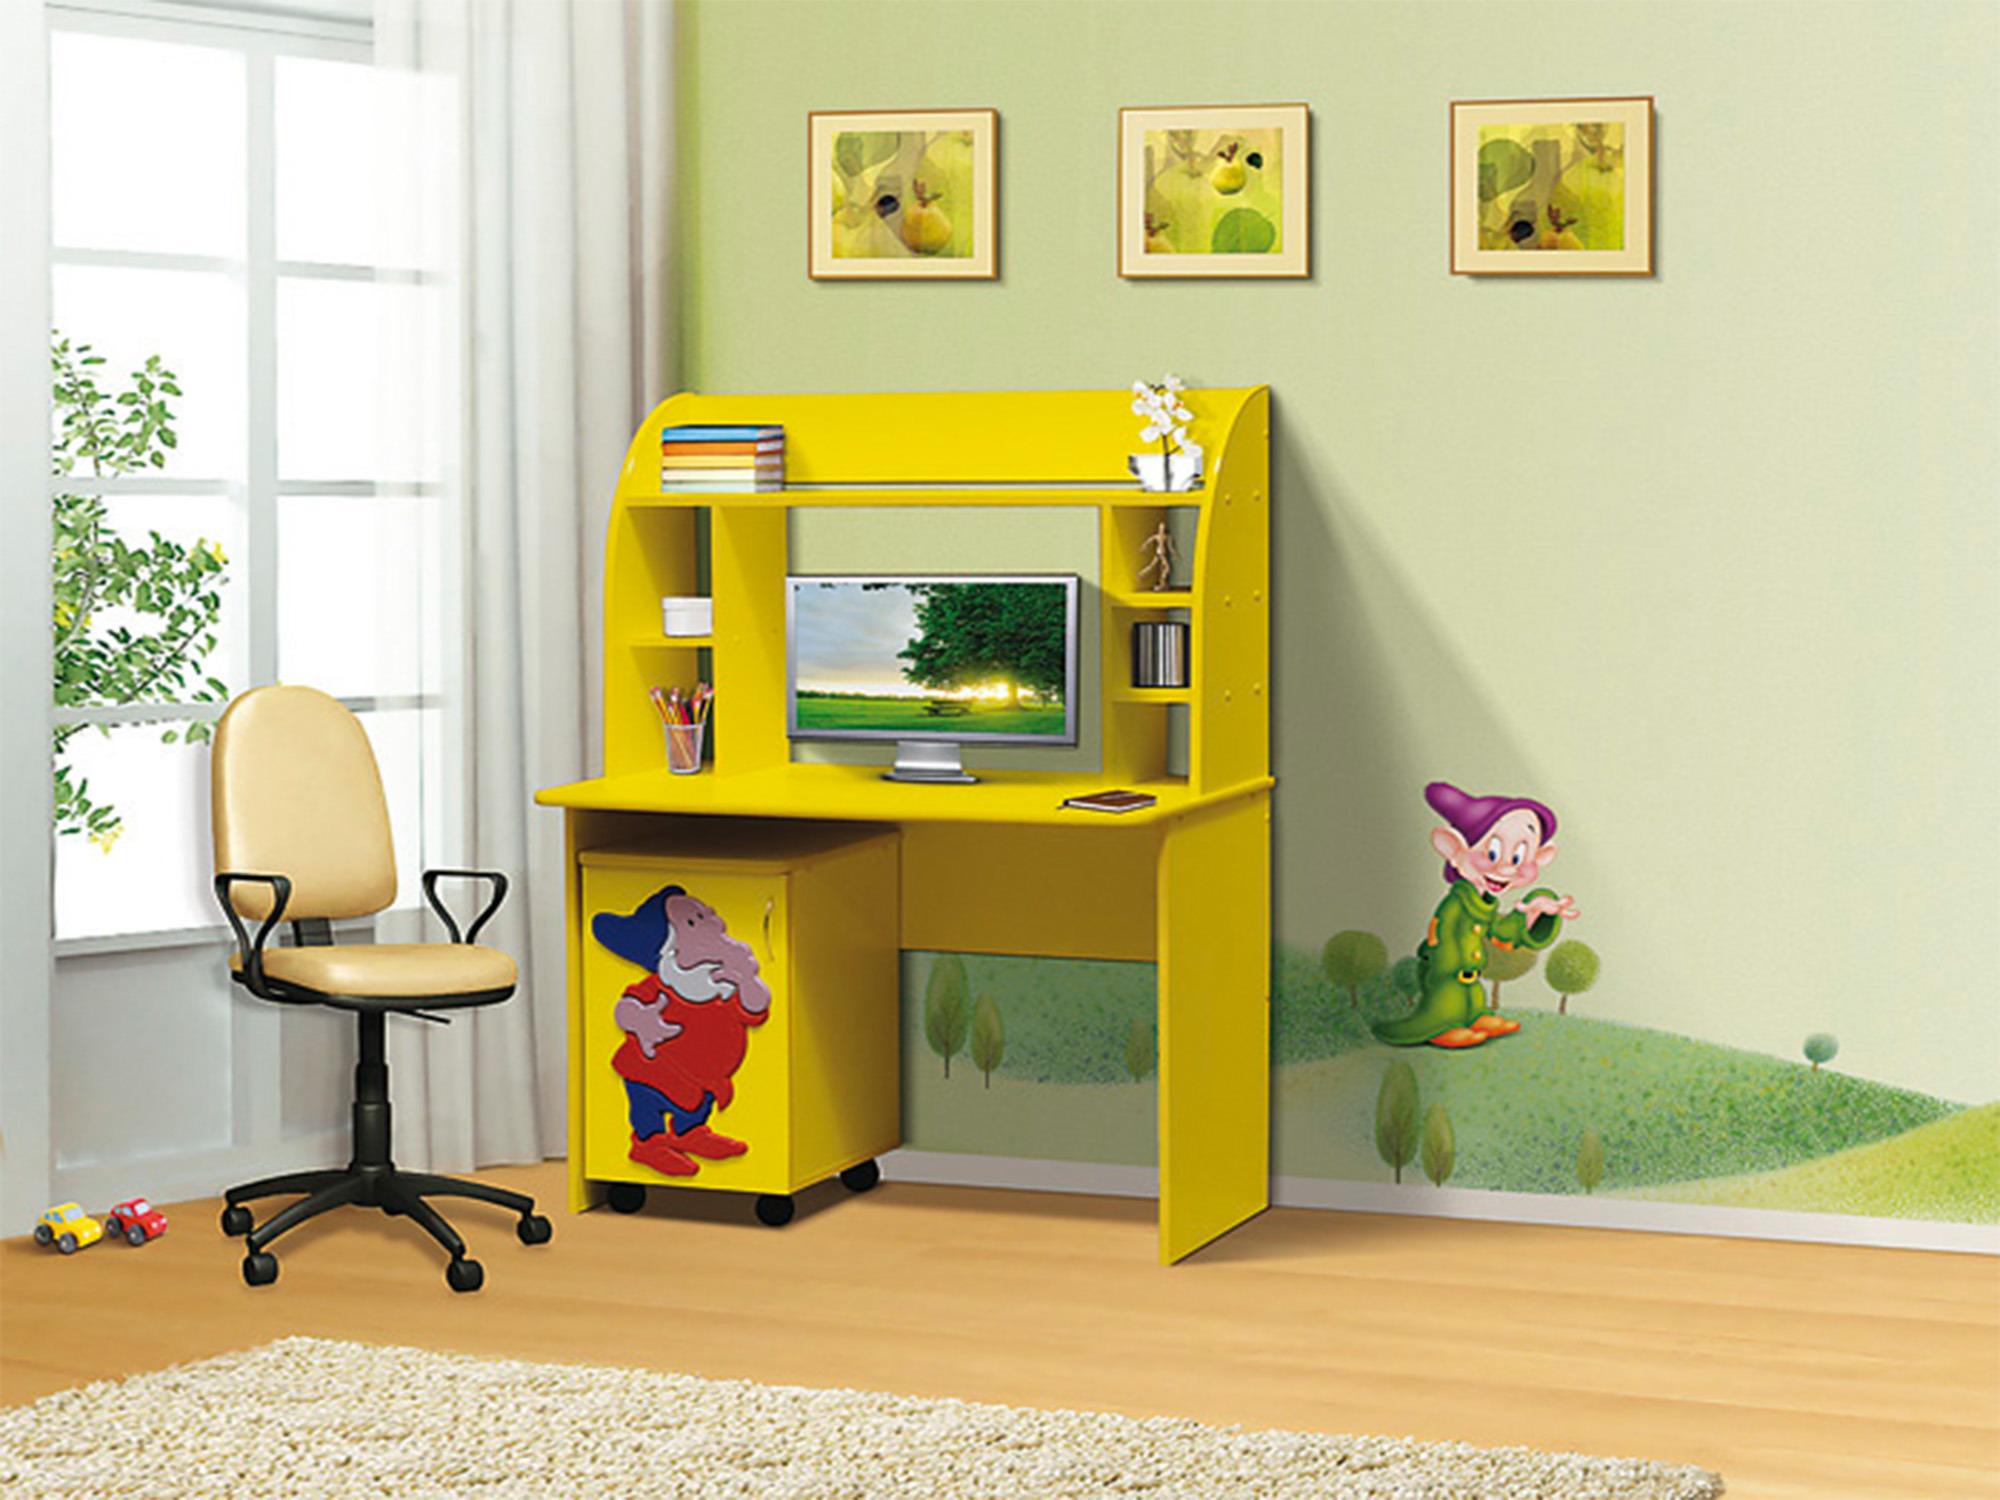 Стол письменный тумба ГномПисьменные столы<br><br><br>Длина мм: 1025<br>Высота мм: 1375<br>Глубина мм: 505